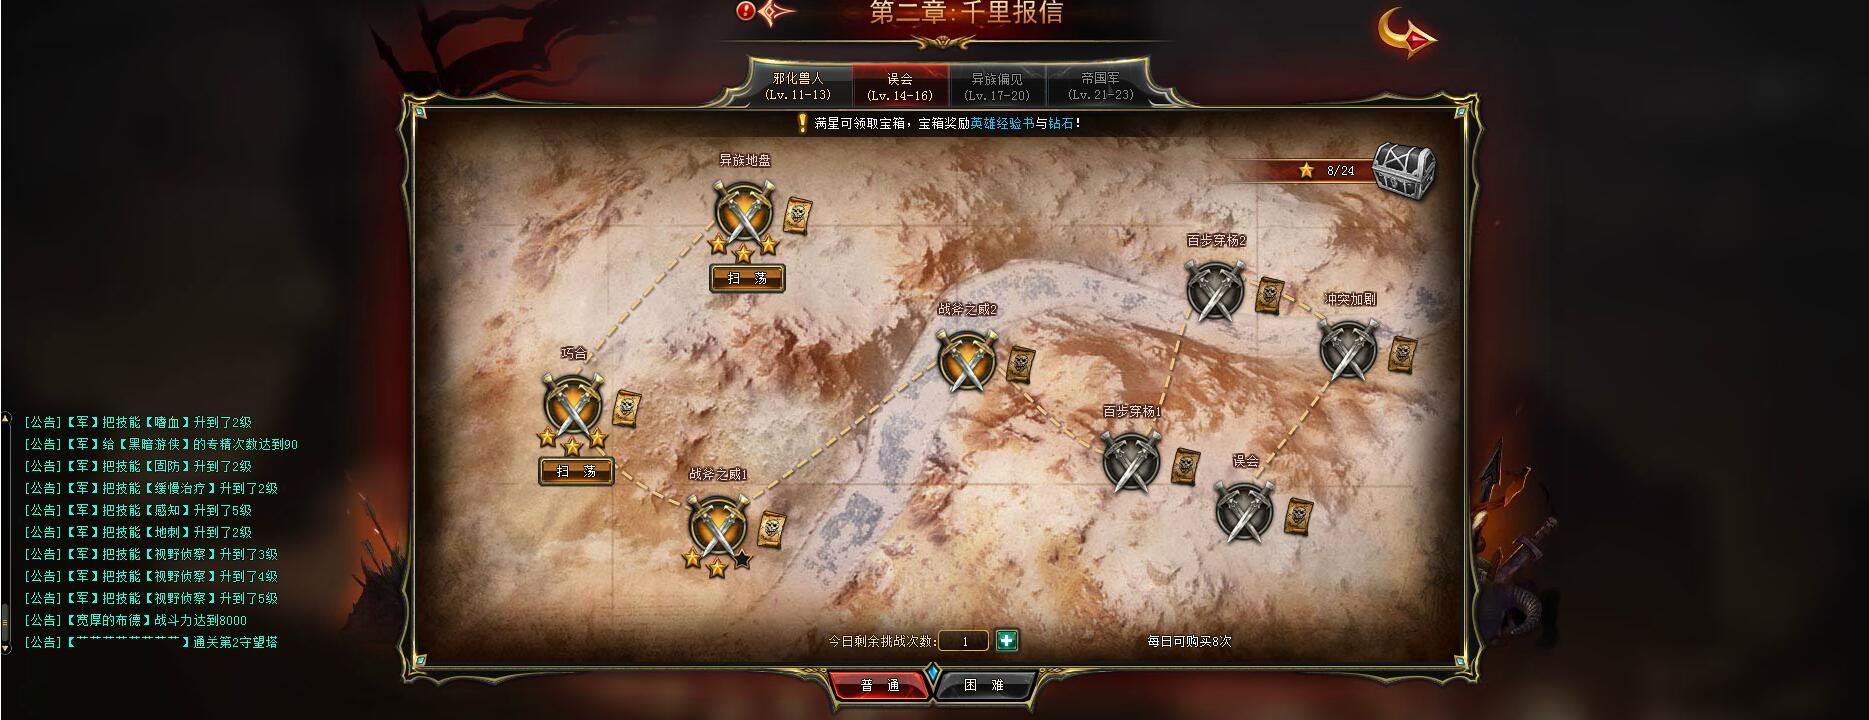 新勇者大陆游戏截图2